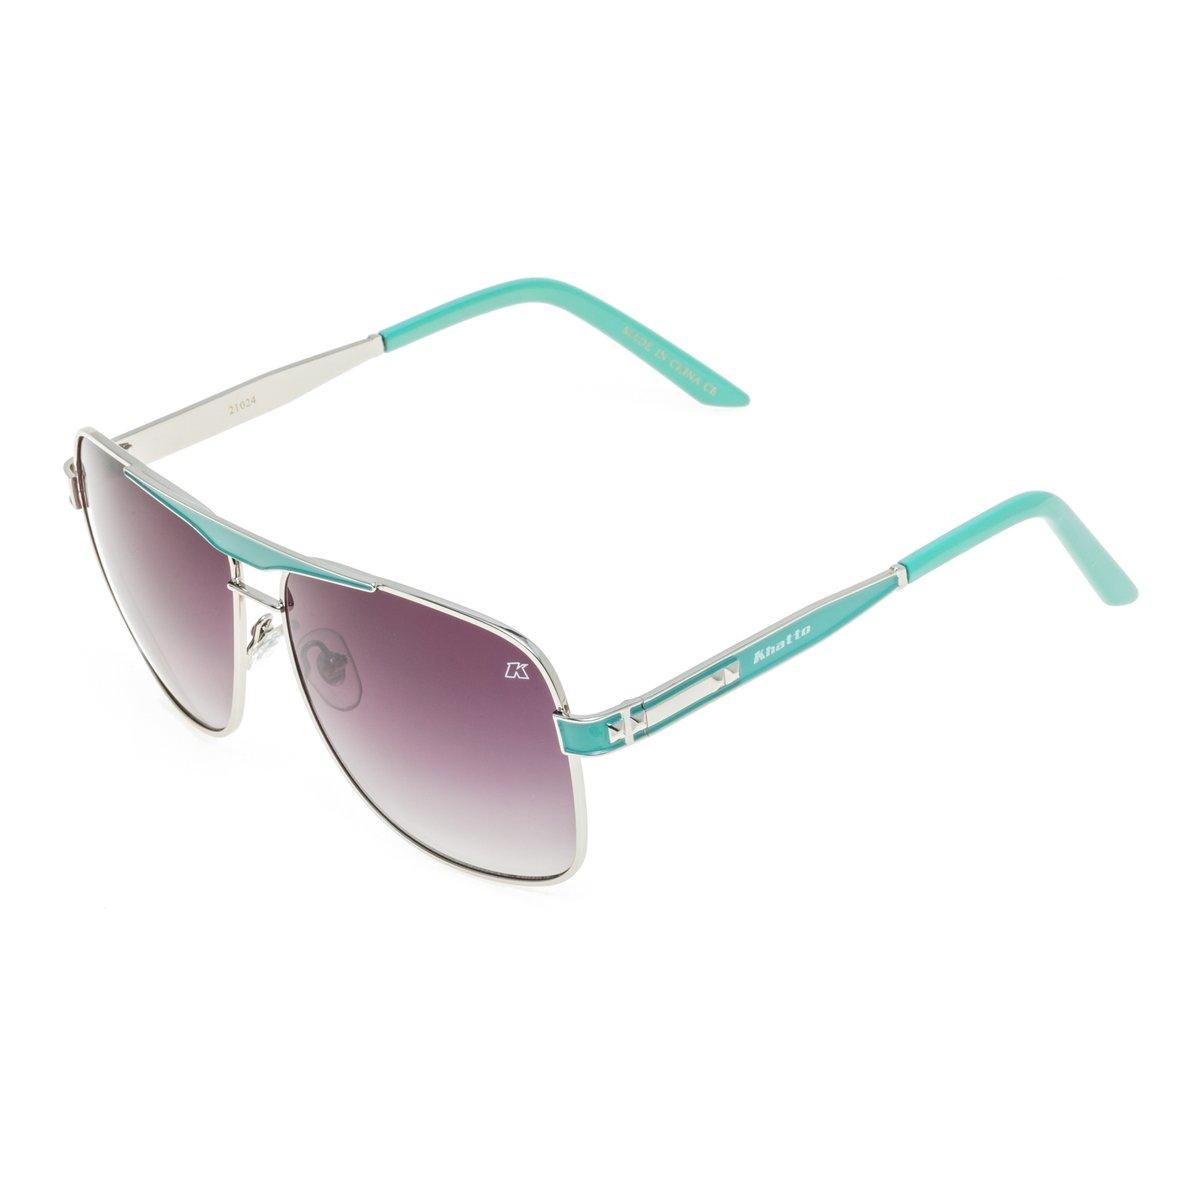 ba22f32aaee25 Óculos de Sol Khatto KT21024 - Compre Agora   Netshoes